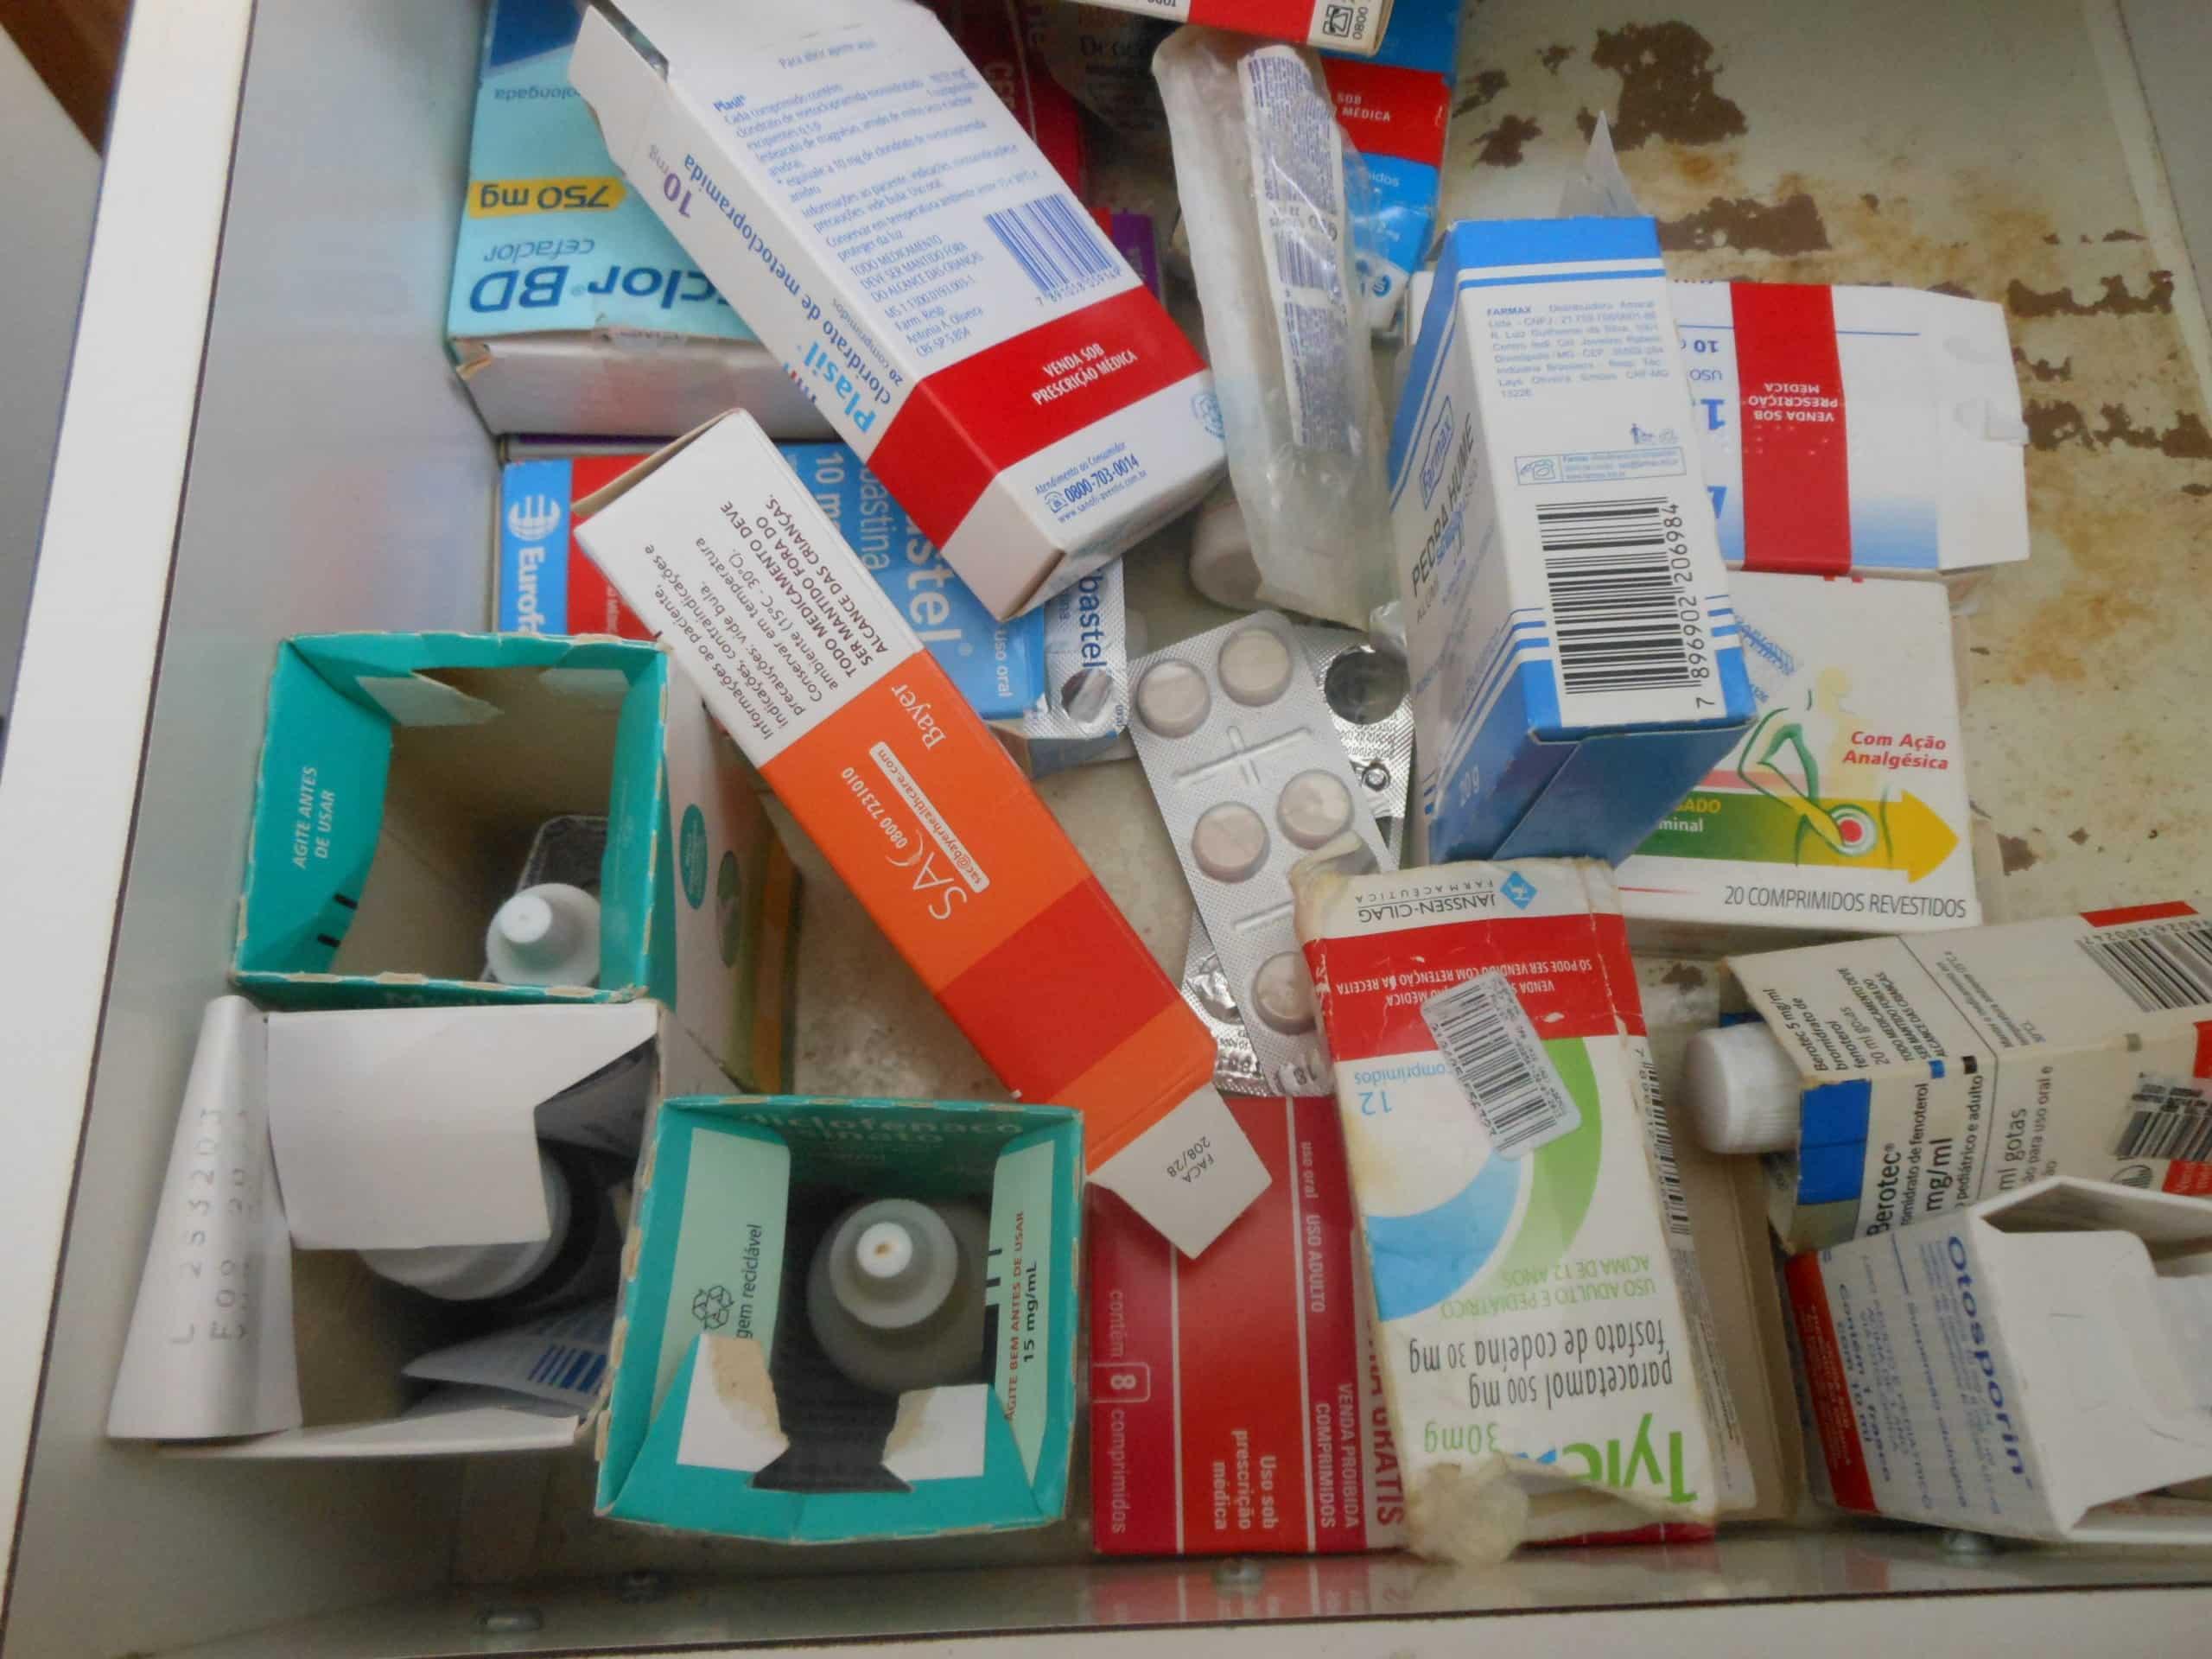 Problemas na saúde em Anchieta. Foto: Imagem ilustrativa/Hilda Scopel.